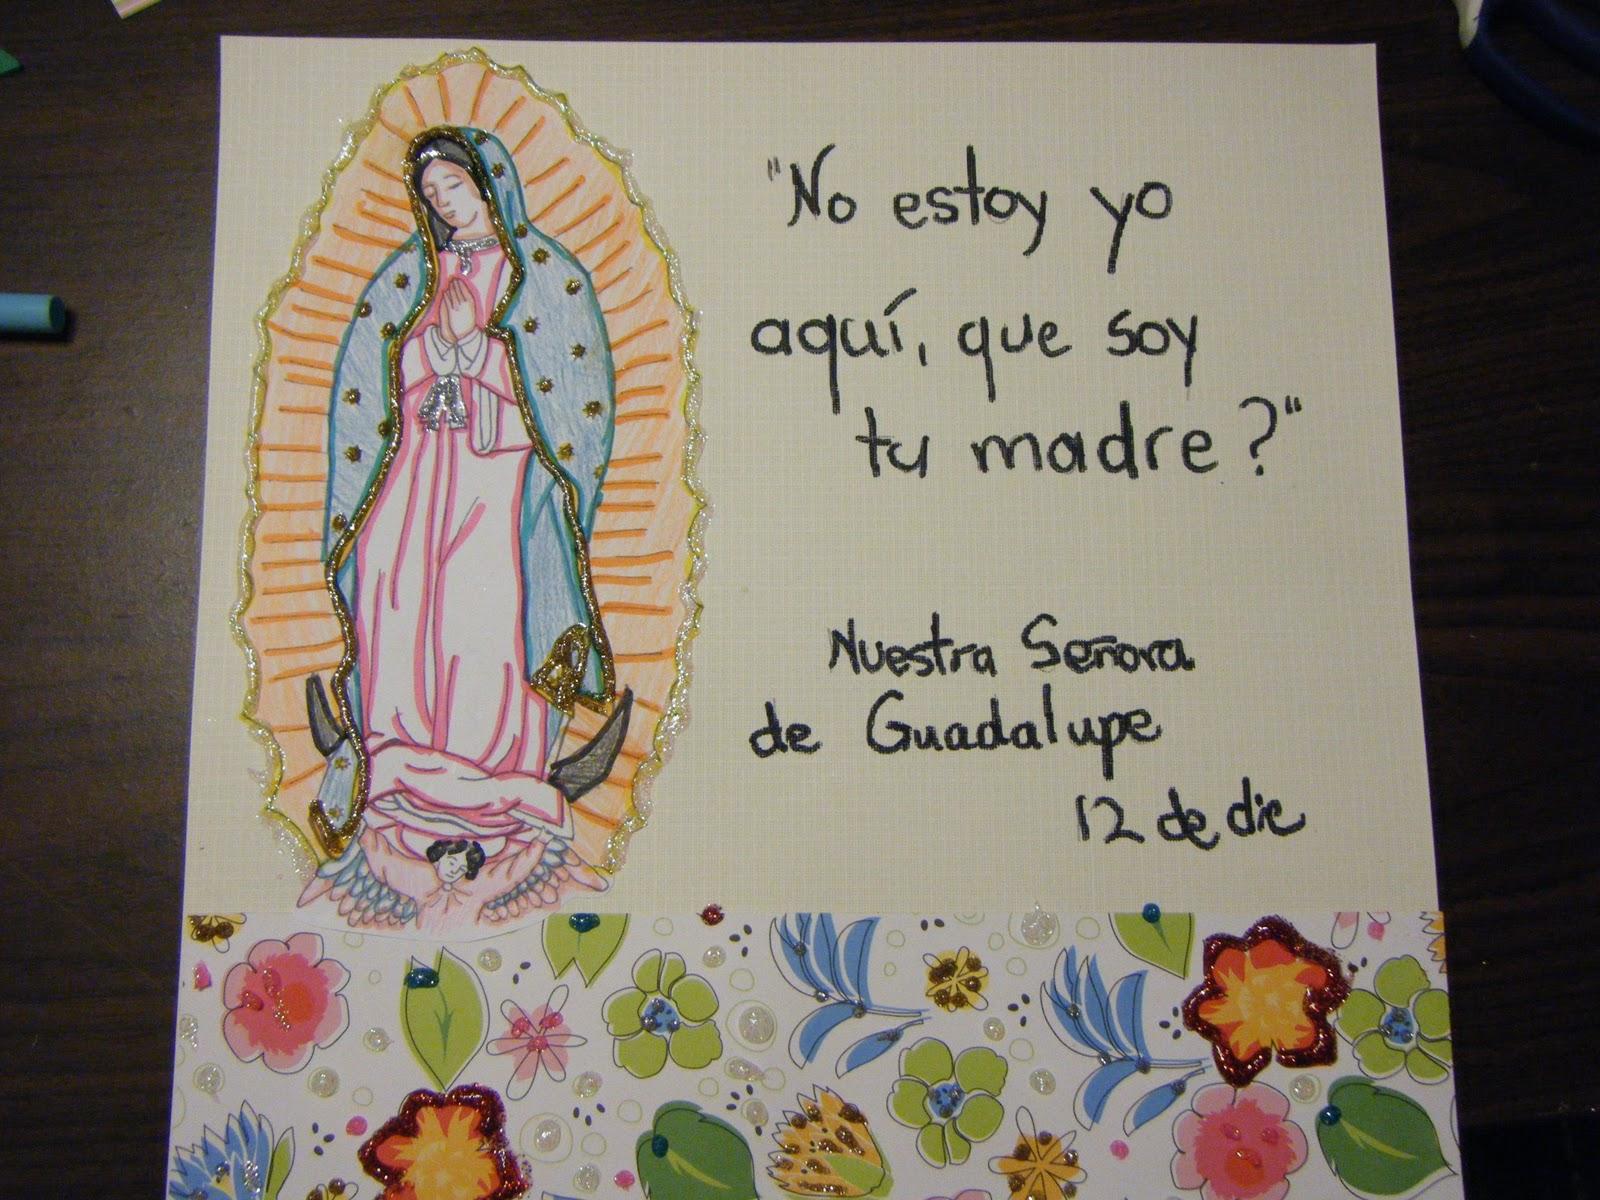 Familia Católica: Ideas para celebrar a Nuestra Señora de Guadalupe ...